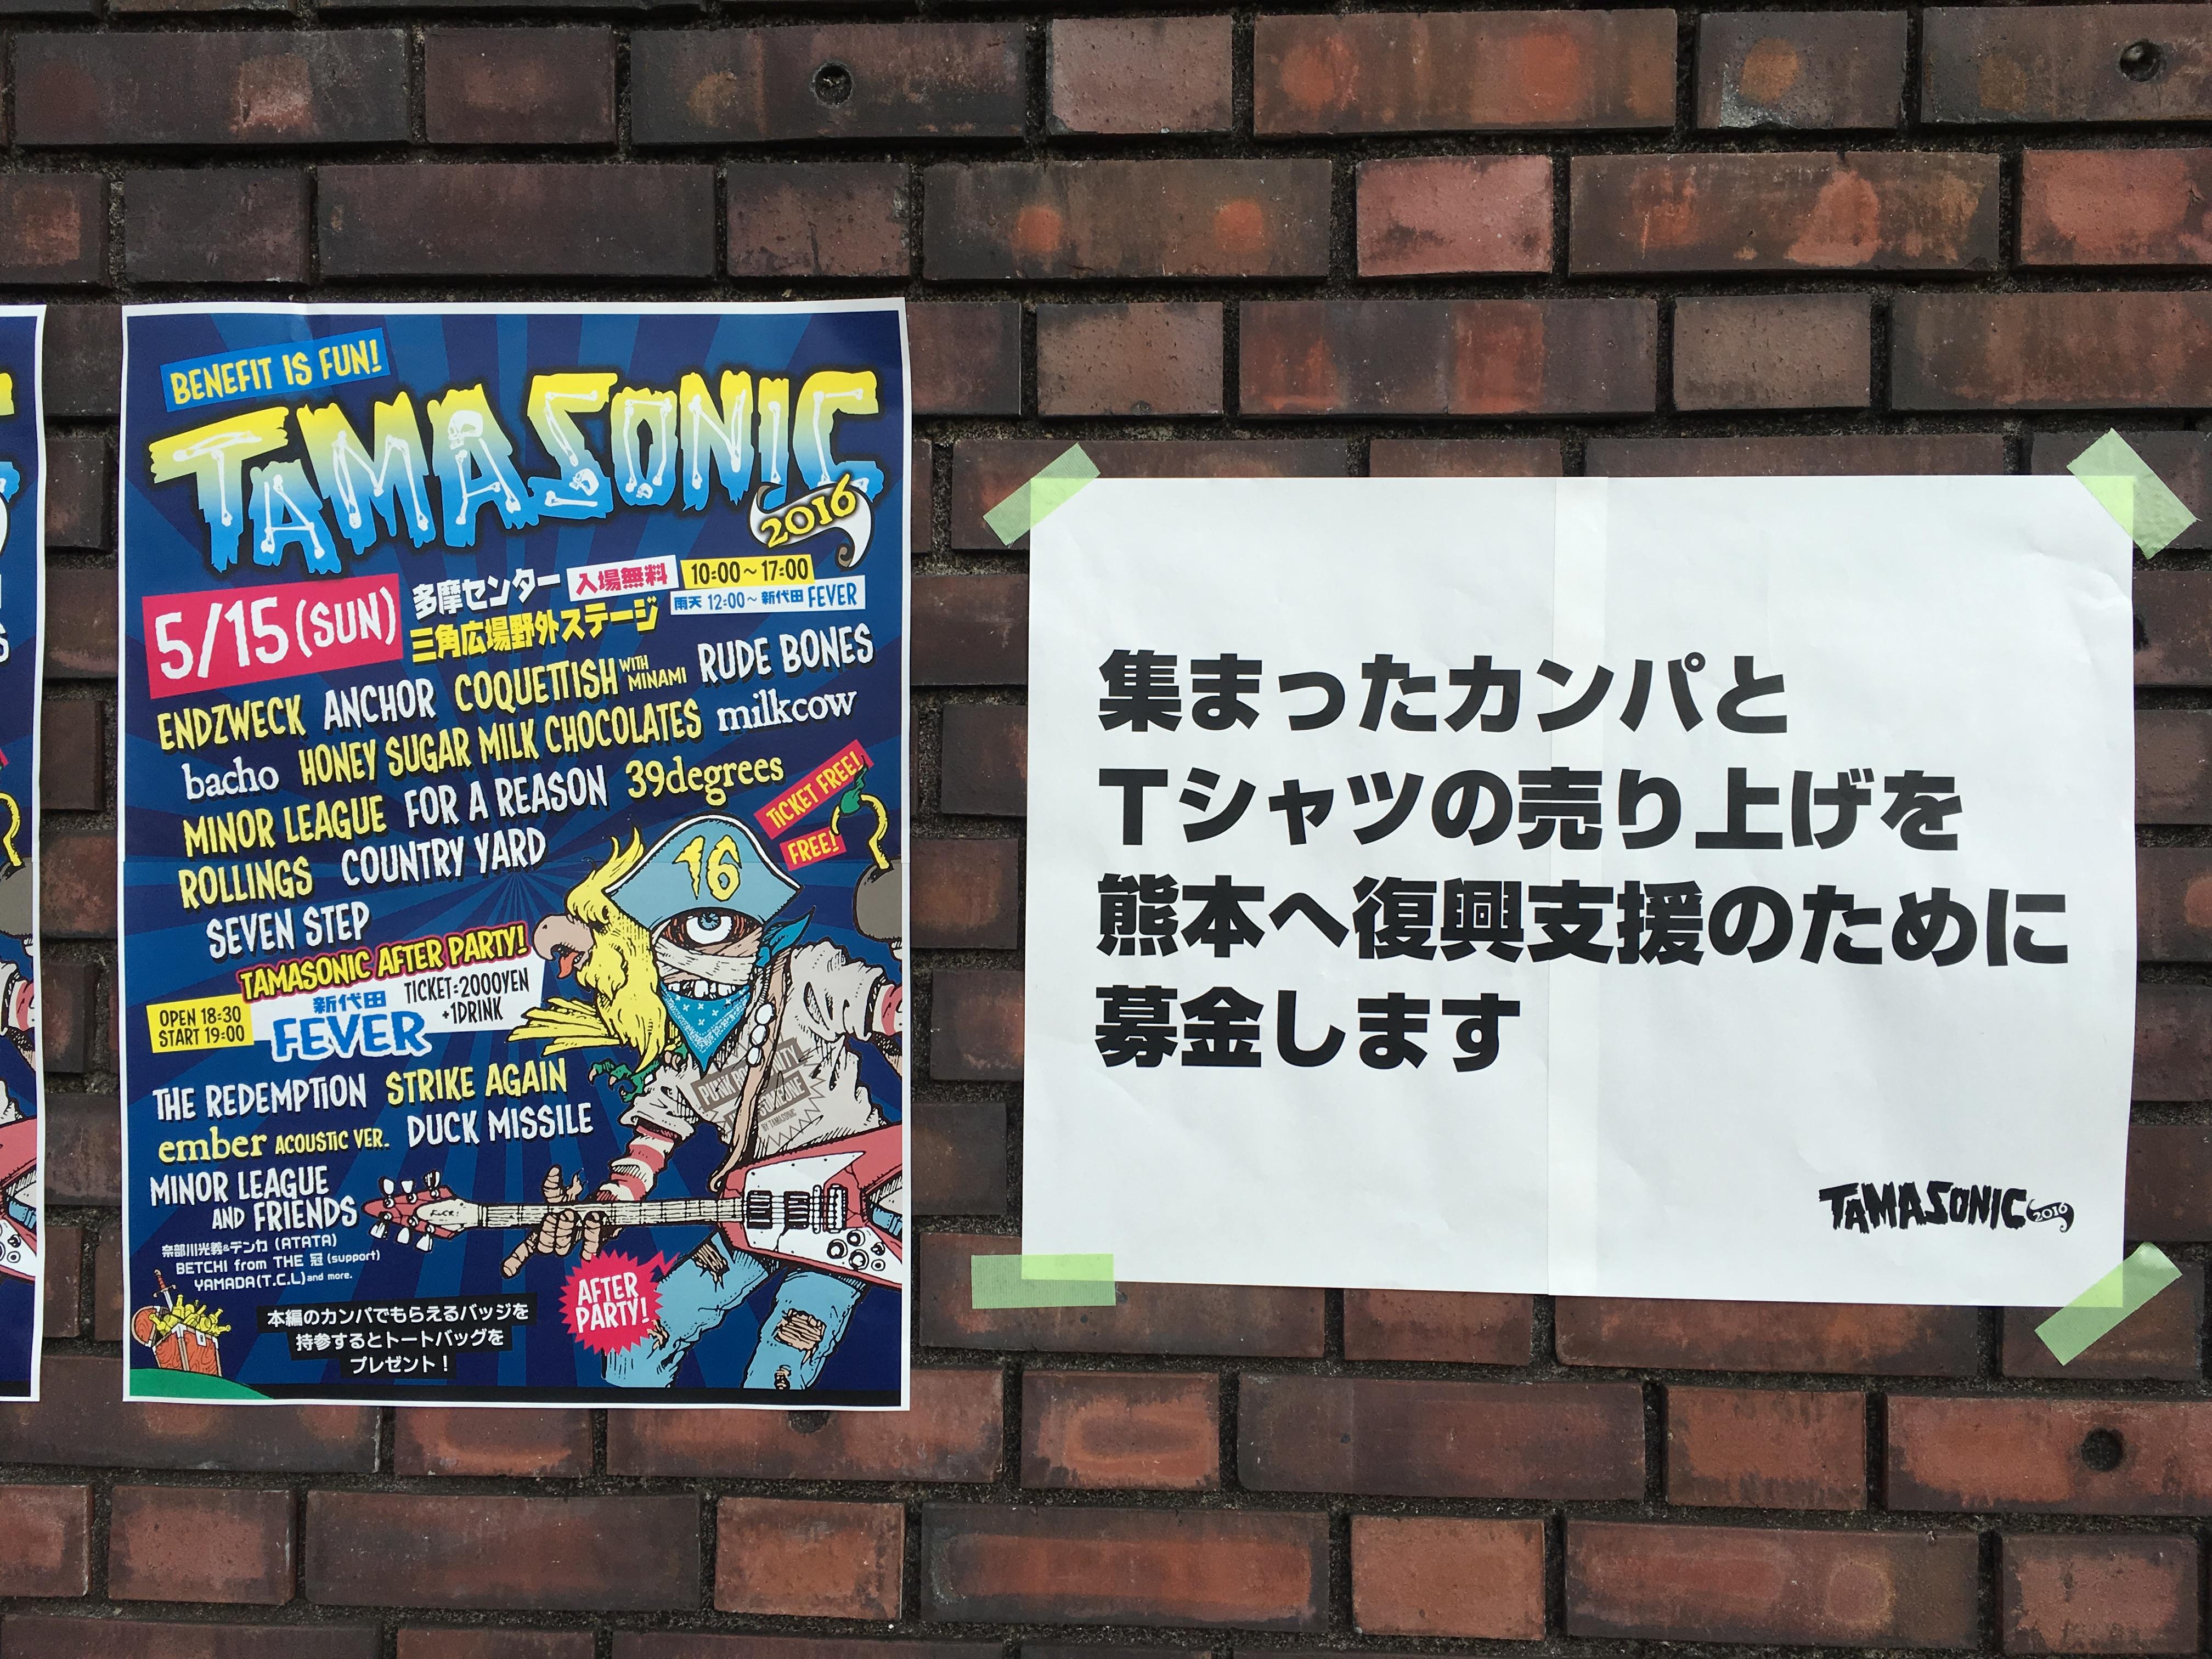 tamasonic_3